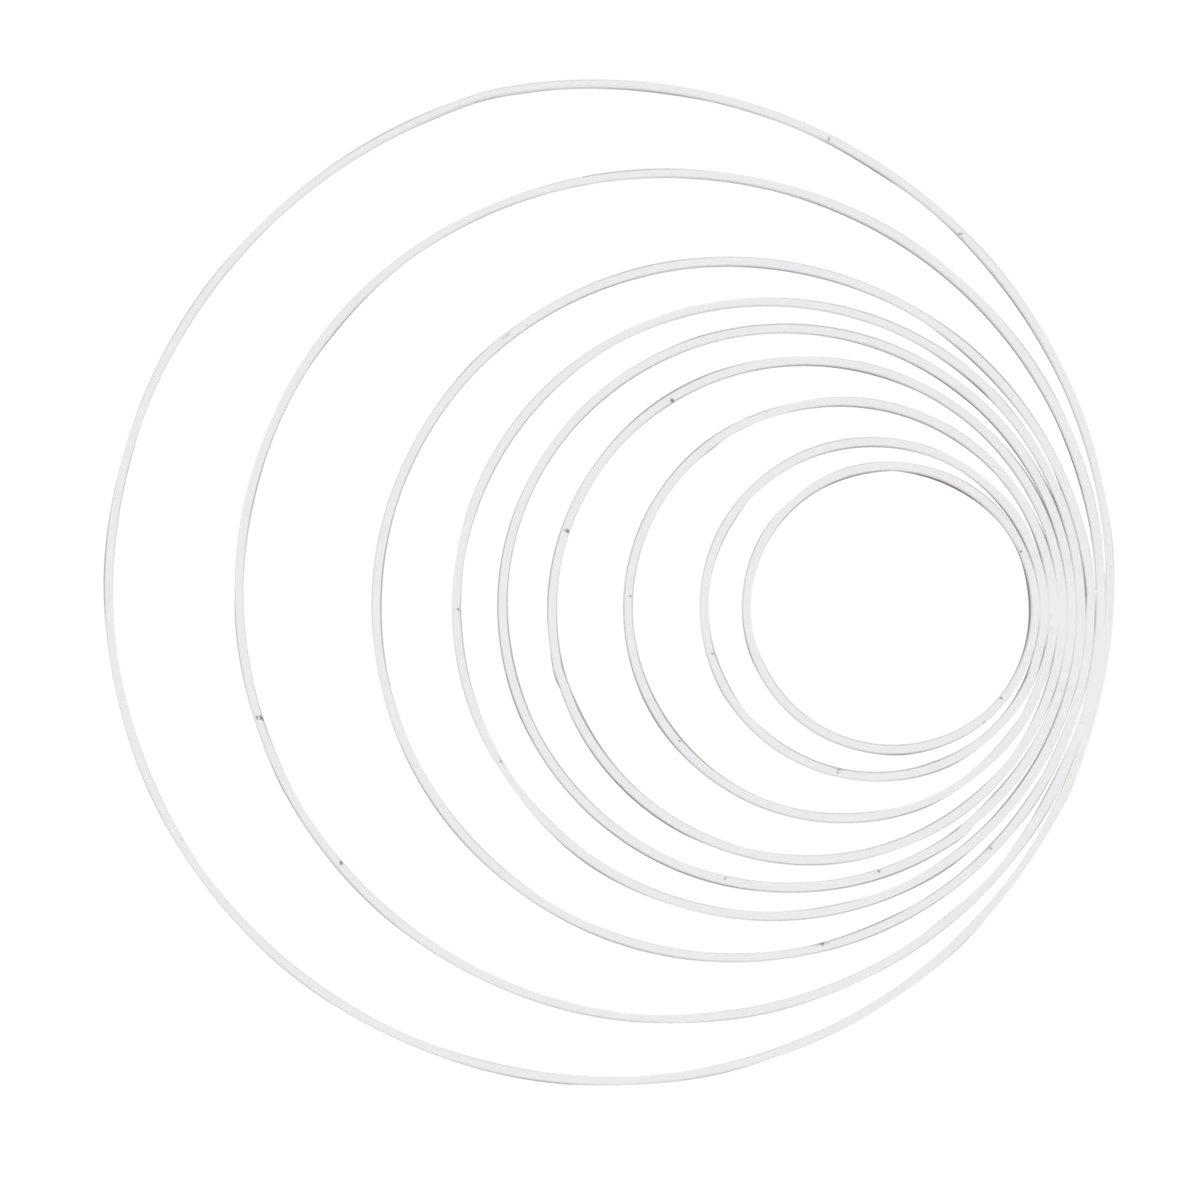 Glorex Metallring 20 cm Metall Wei/ß